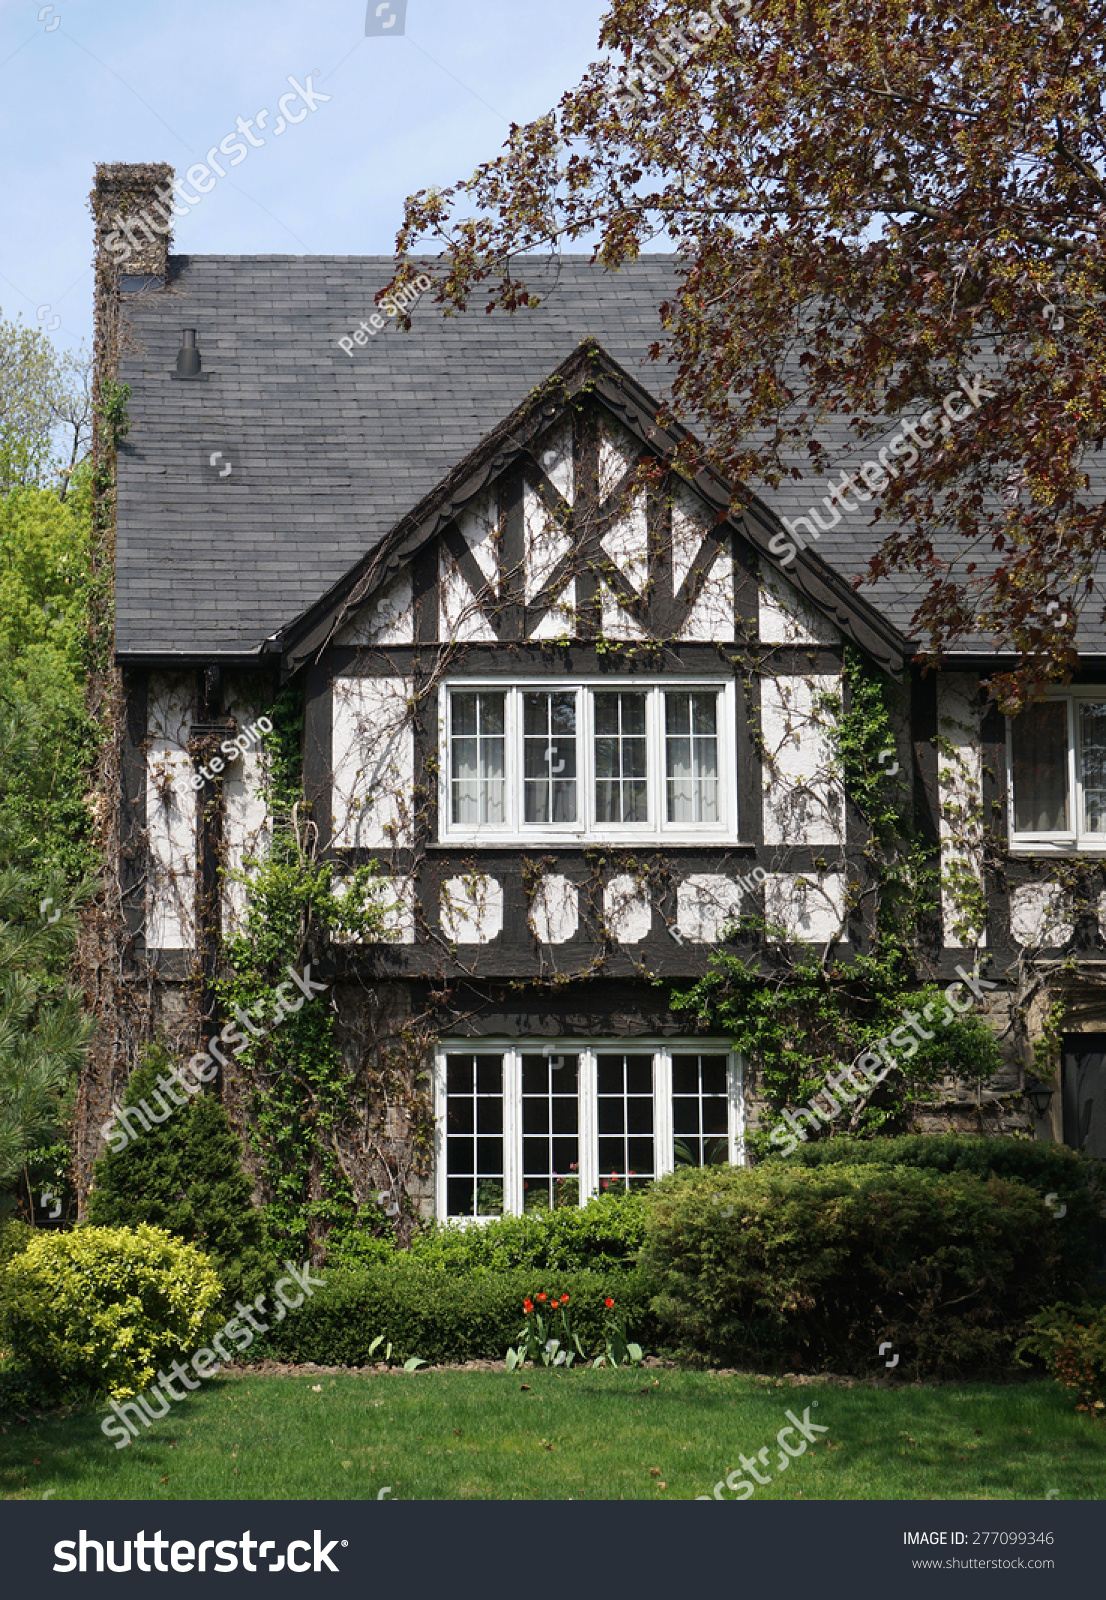 Shady tudor style house with vines